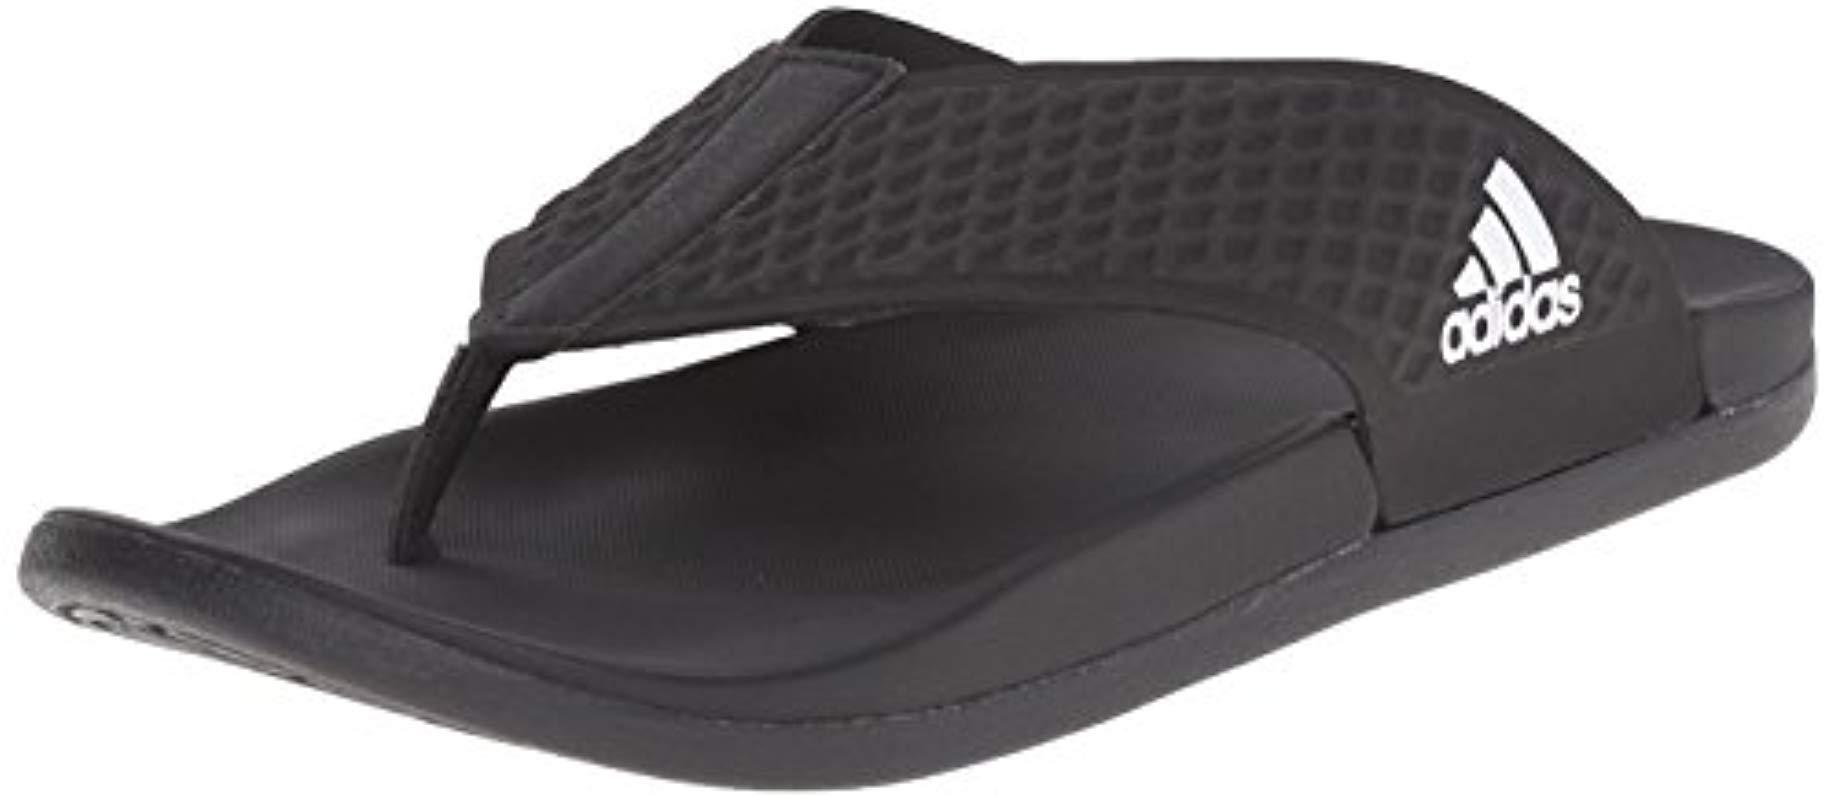 f50909c0f703 Lyst - adidas Adilette Cf Ultra Y Athletic Sandal in Black for Men